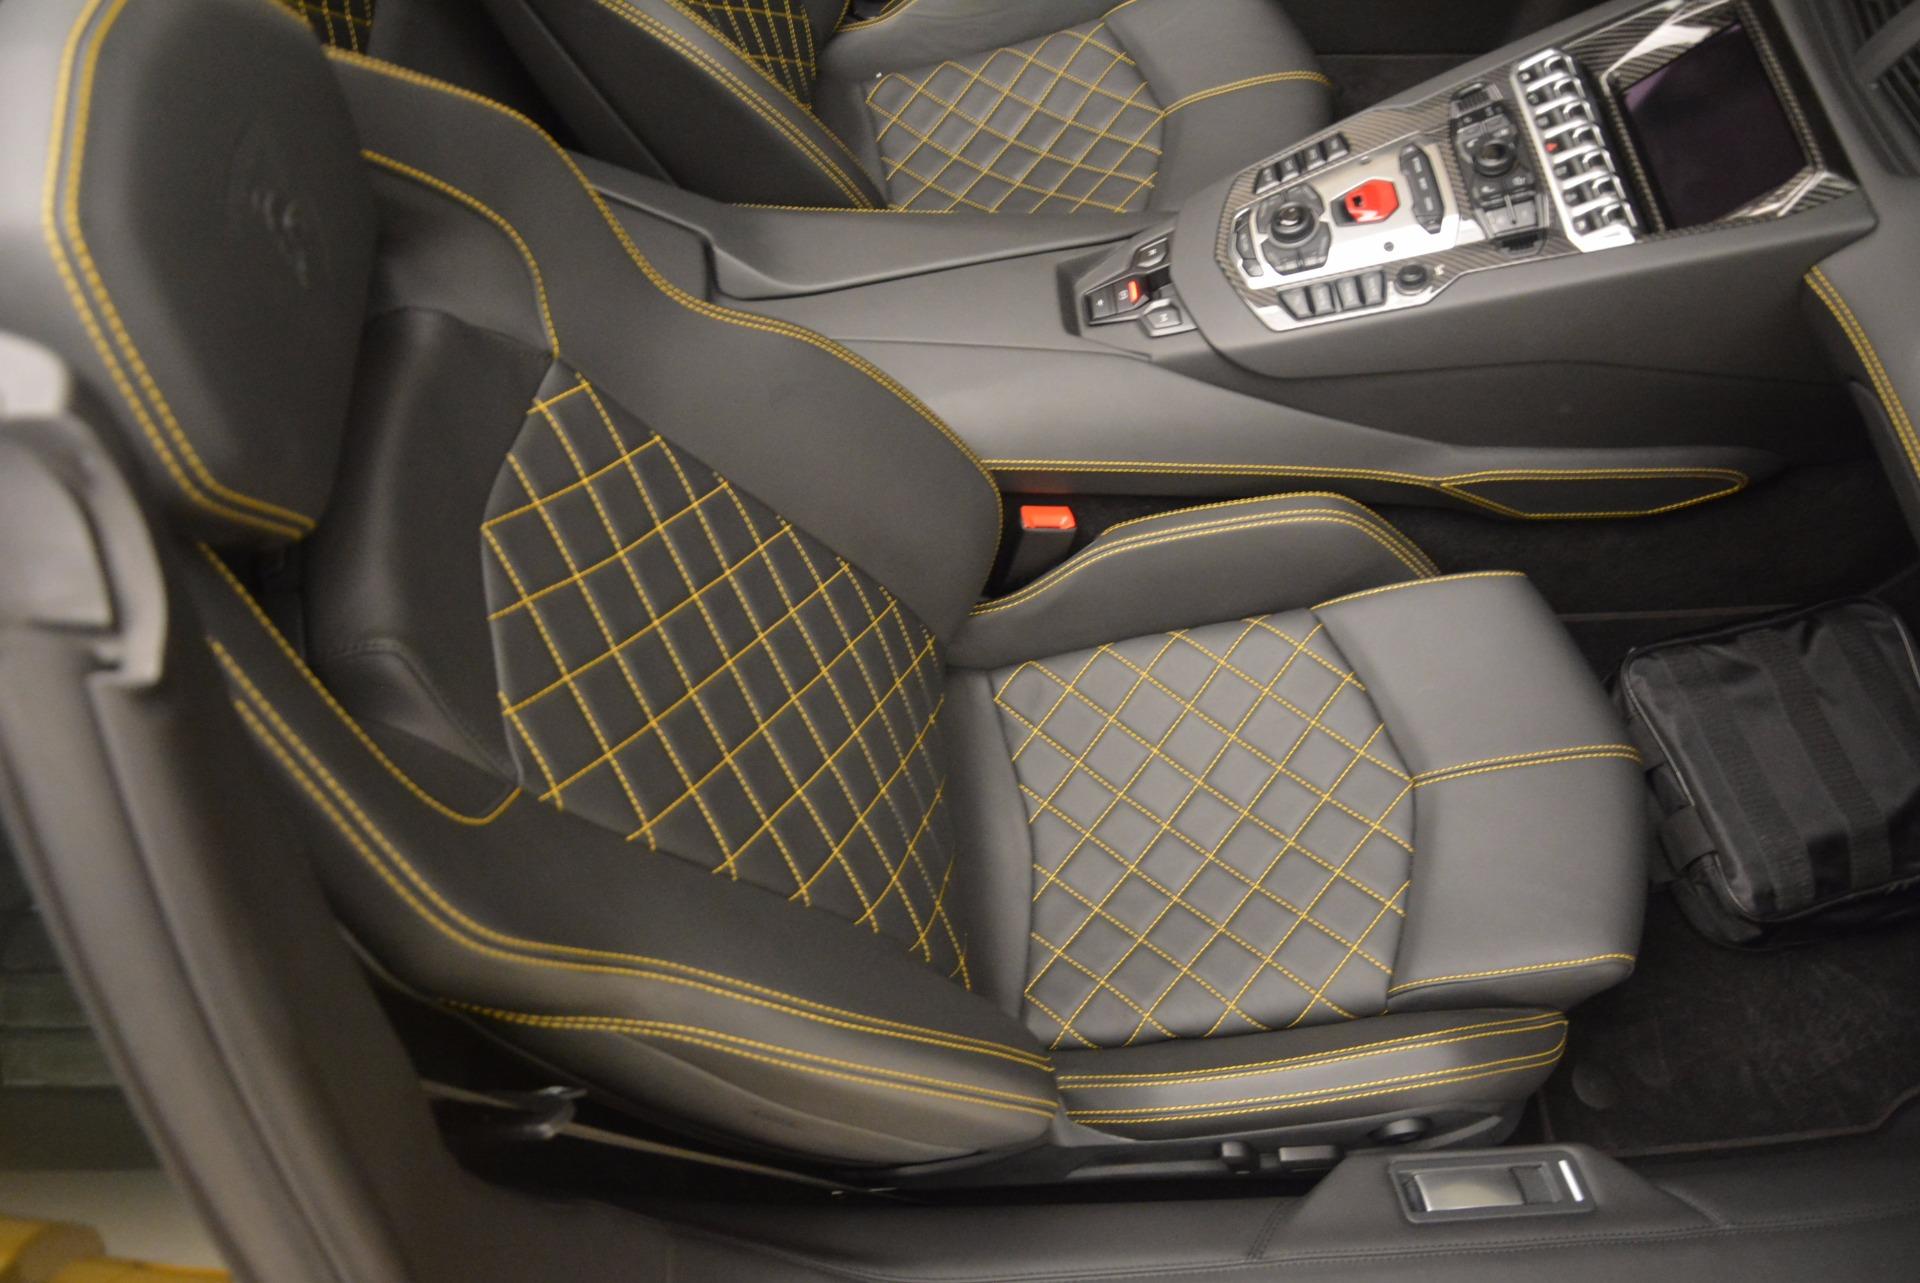 Used 2015 Lamborghini Aventador LP 700-4 Roadster For Sale In Greenwich, CT. Alfa Romeo of Greenwich, 7284 1774_p25